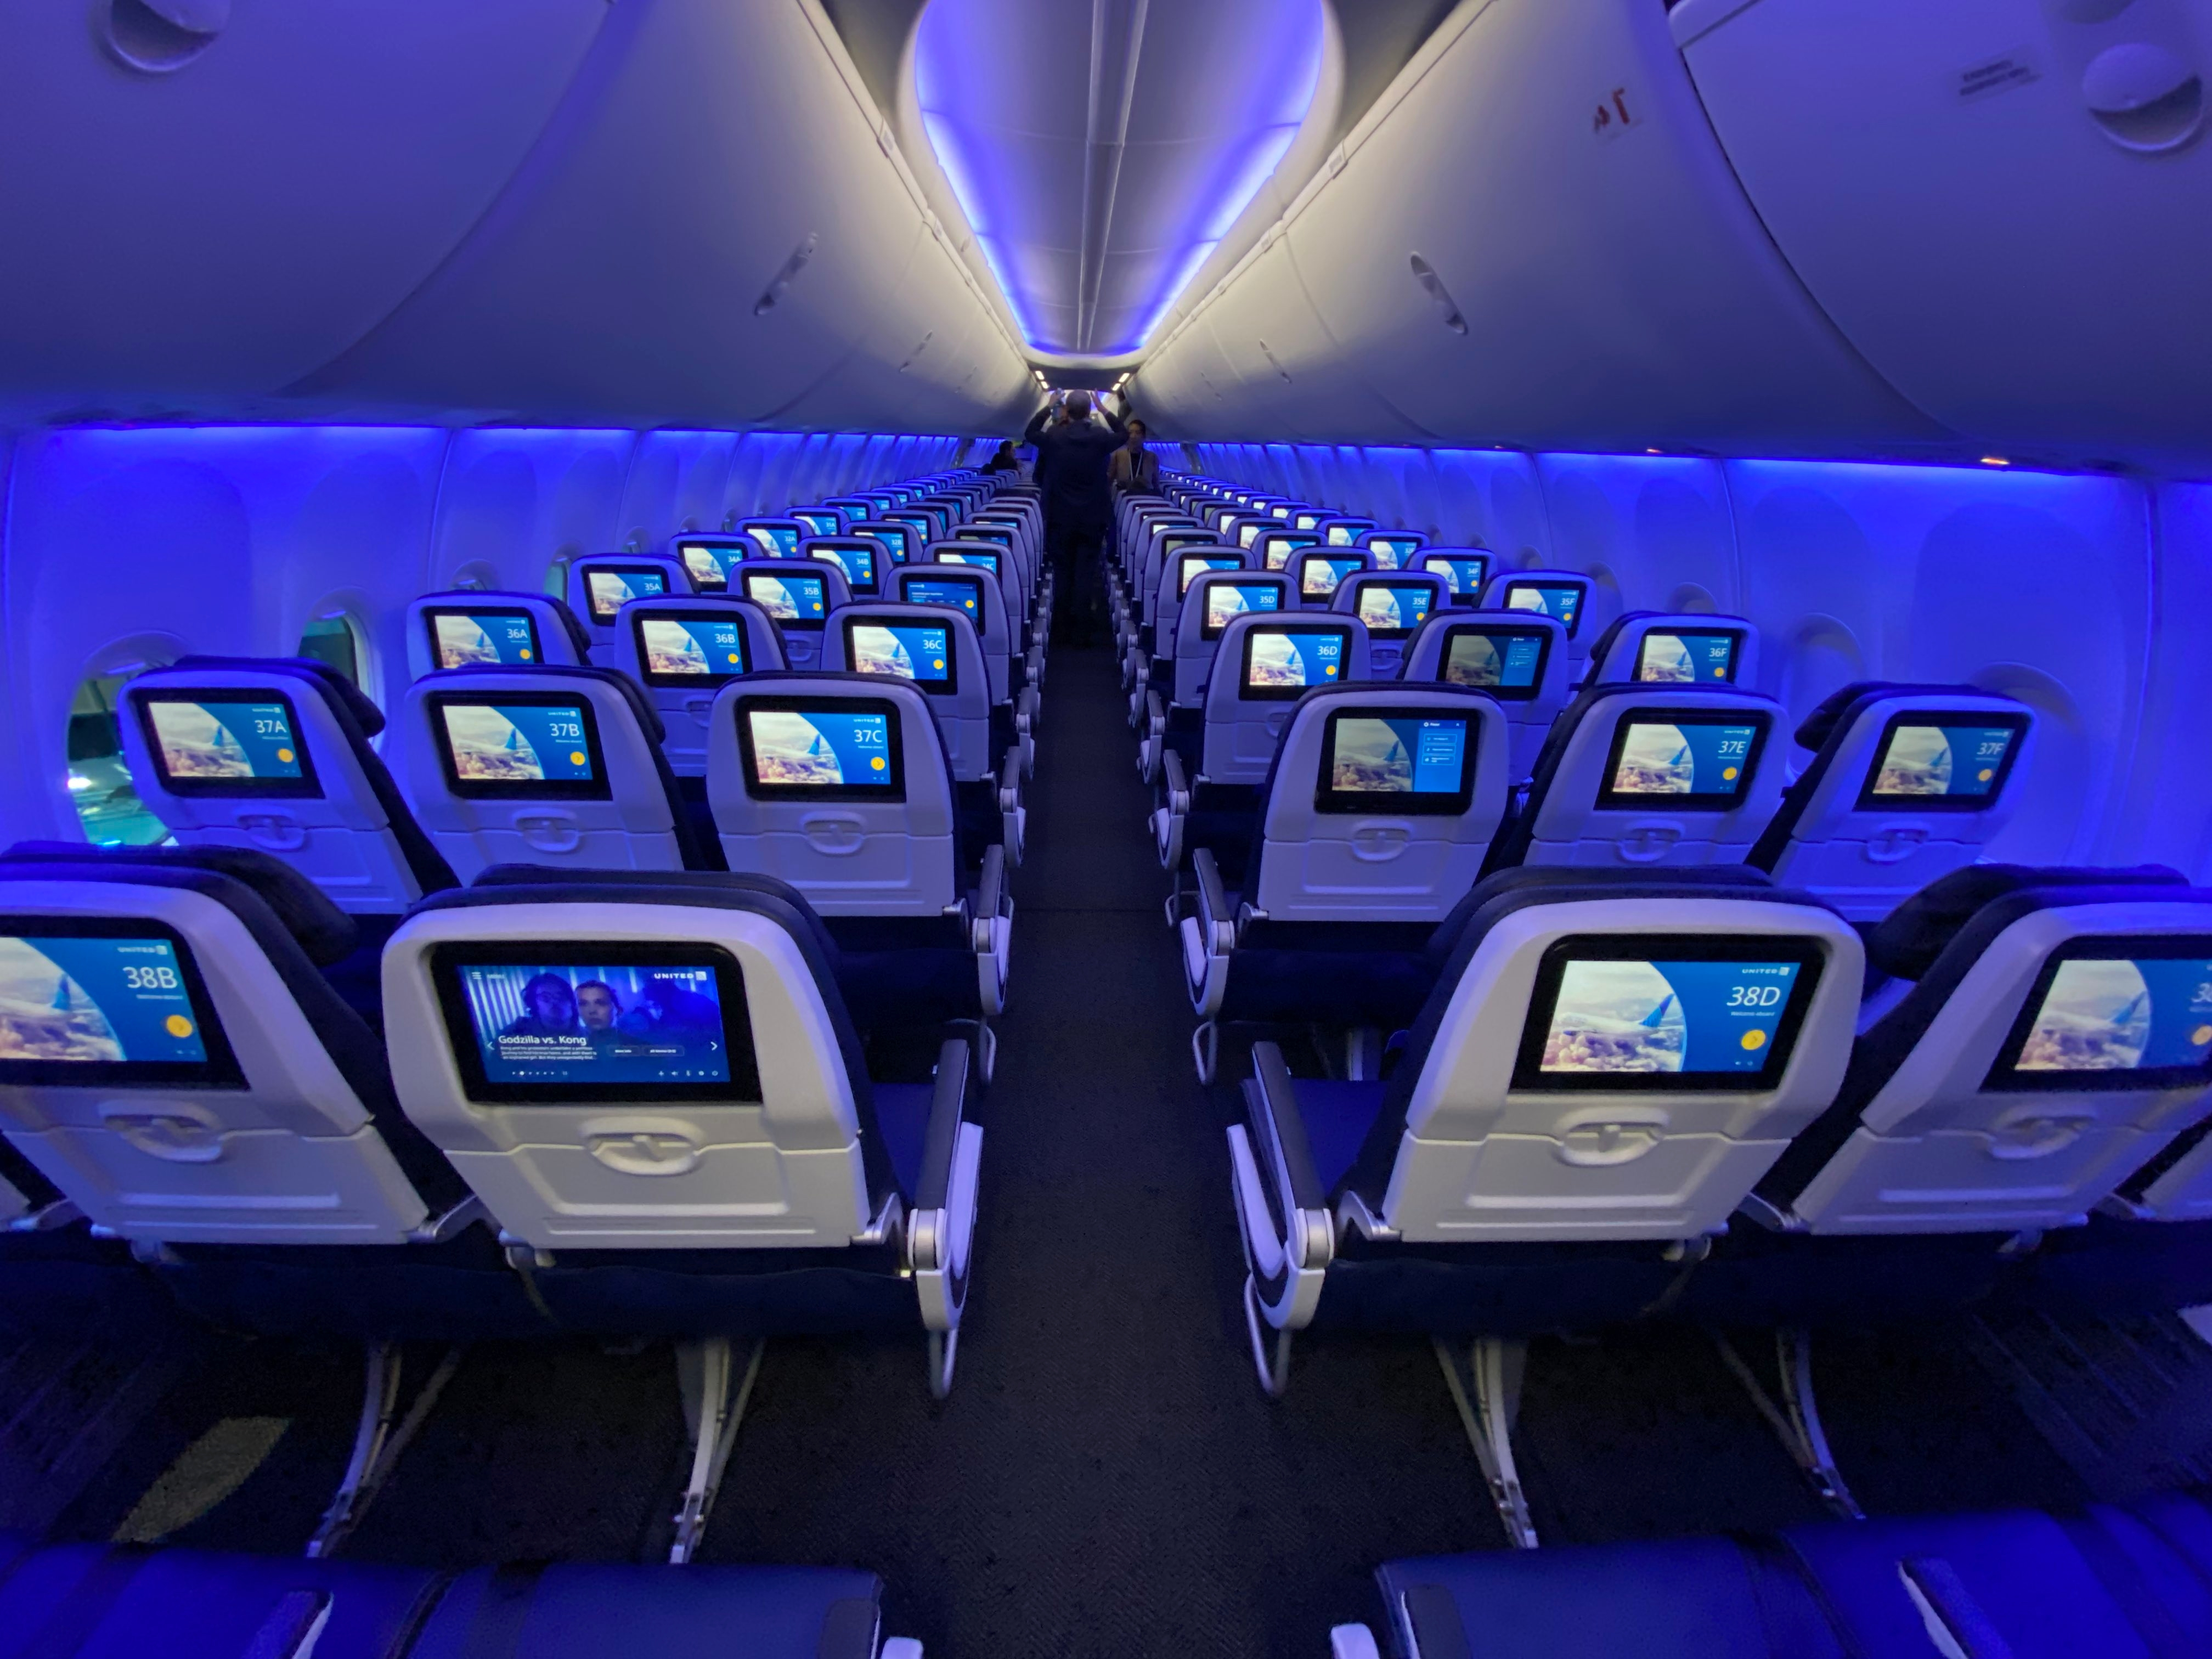 美联航为新客机引入蓝牙耳机功能